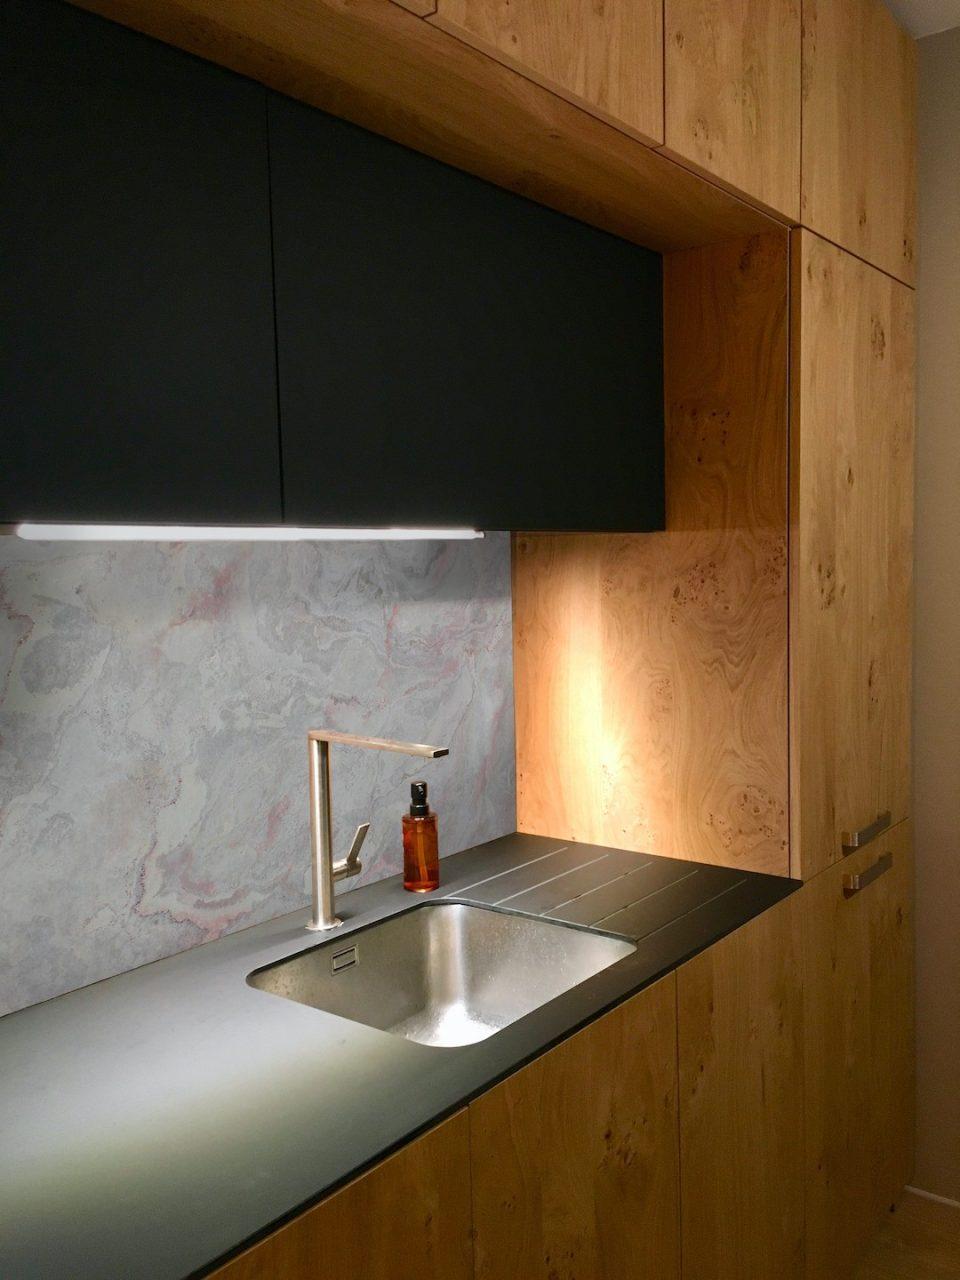 Feuille de pierre 100% naturelle StoneLeaf modèle Stockholm sur la crédence d'une cuisine